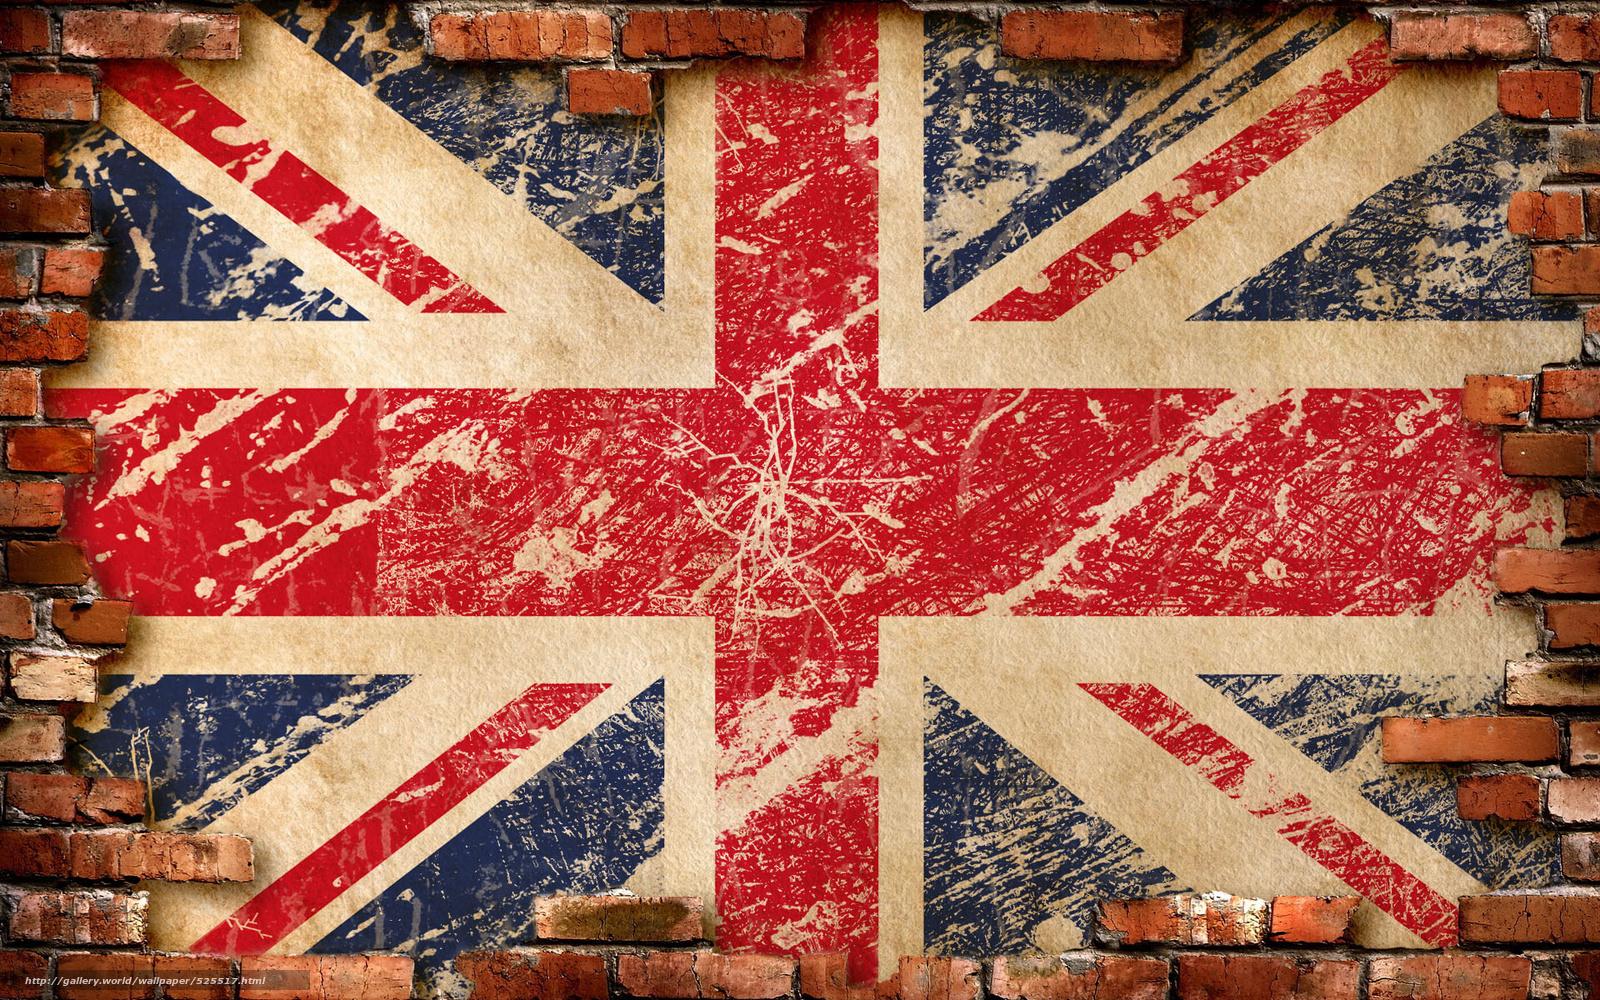 Papel de parede bandeira, parede, Inglaterra, Tijolos, Reino Unido №525517